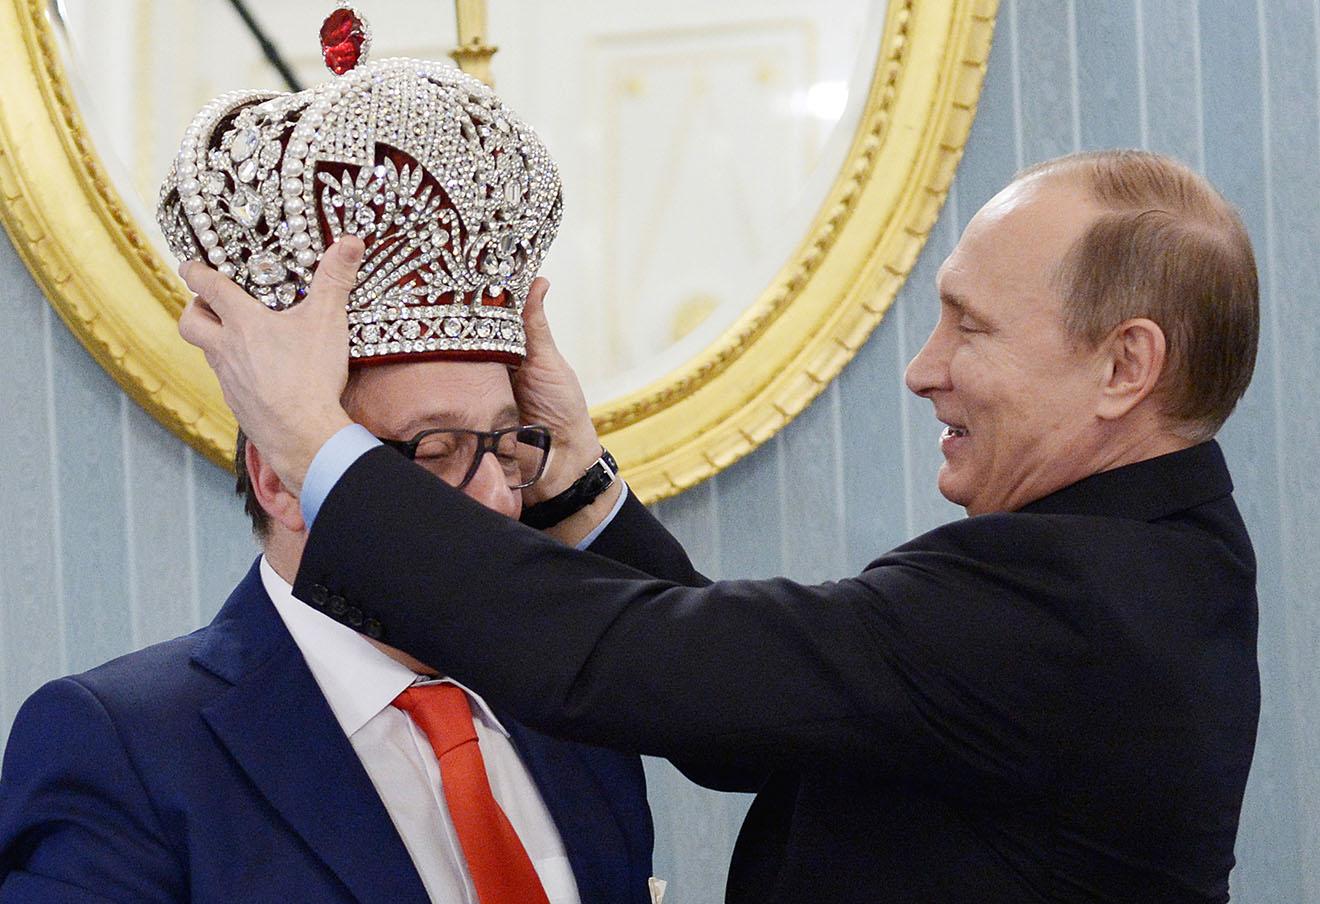 Владимир Путин надевает копию императорской короны на Геннадия Хазанова во время встречи в Кремле.